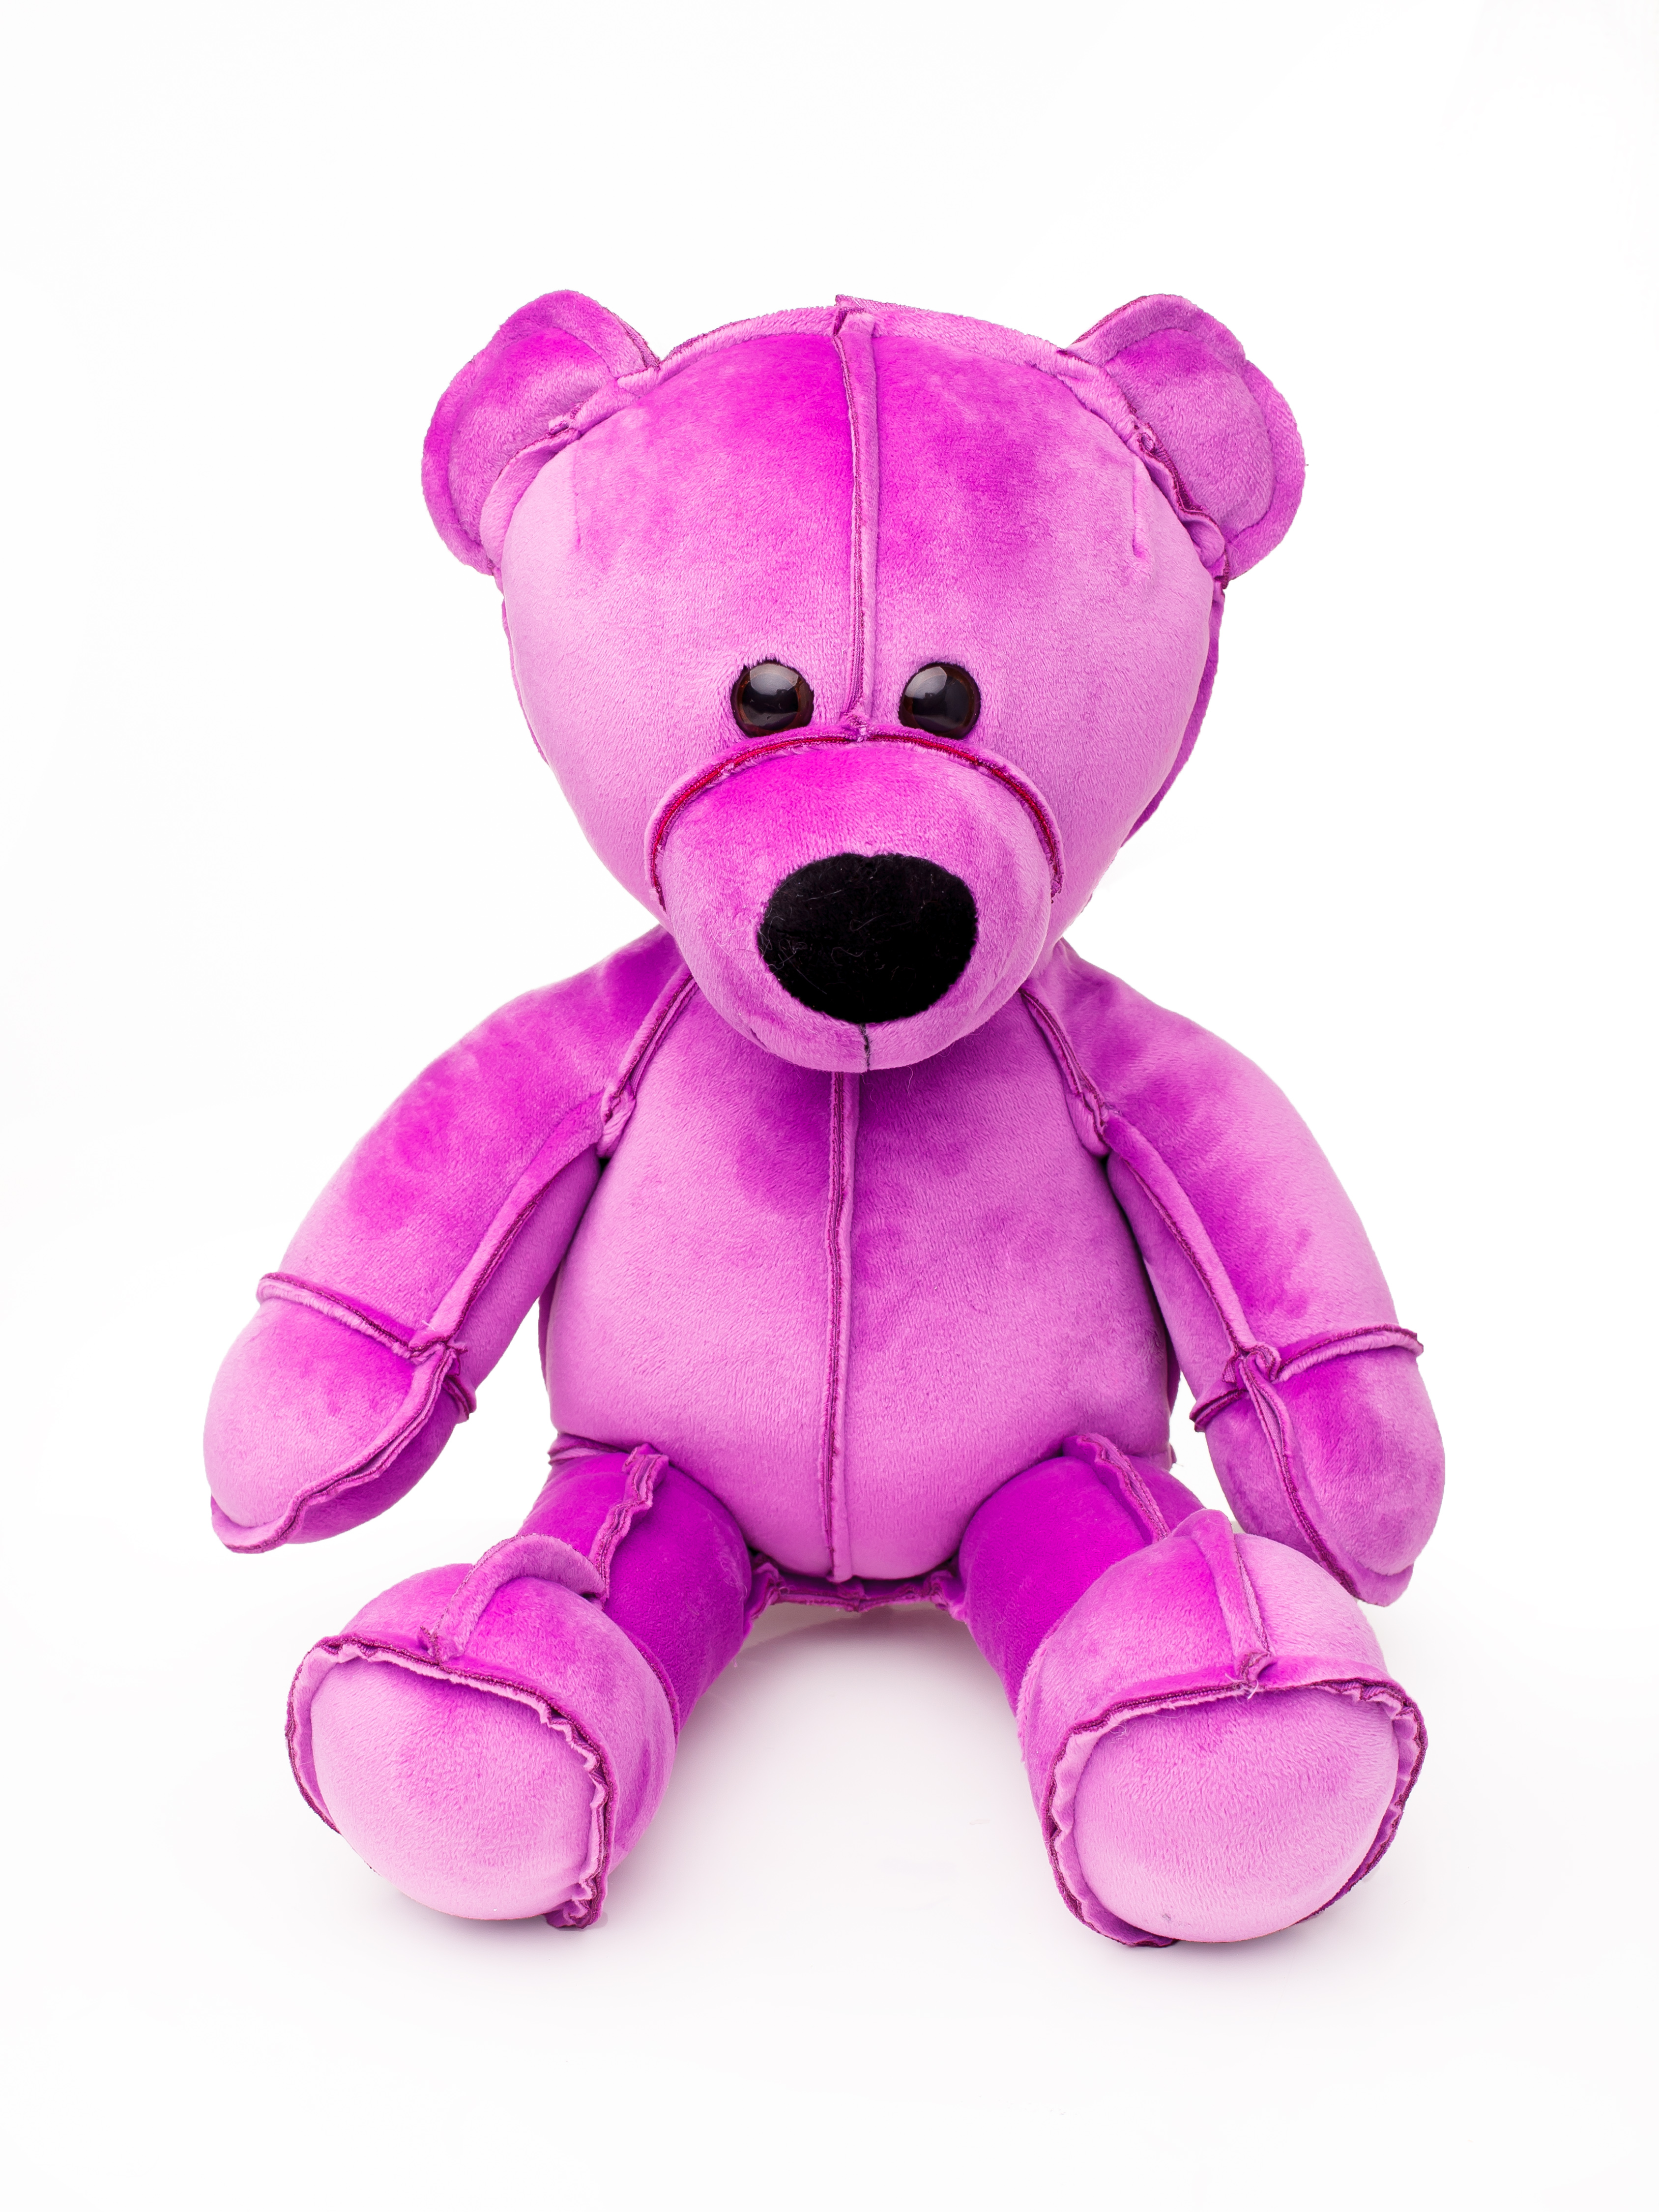 Мягкая игрушка Смолтойс Мишка Даня В45 см, 6199/ФЛ/45 фиолетовый